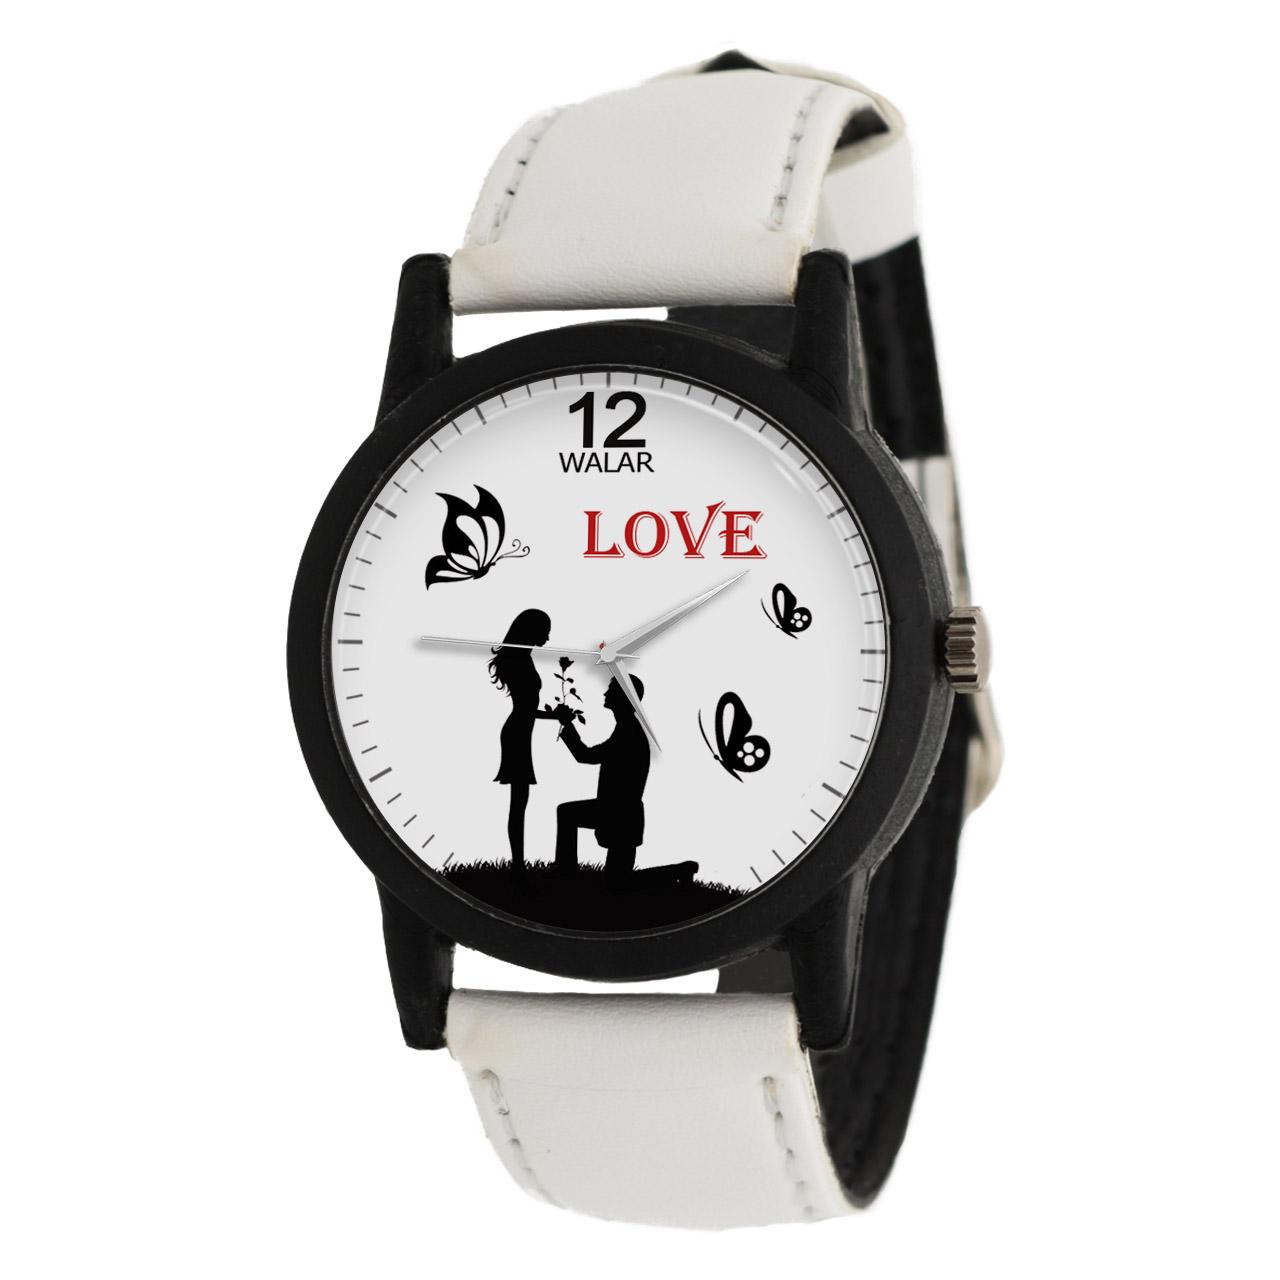 ساعت مچی عقربه ای زنانه والار طرح LOVE مدل LF1432